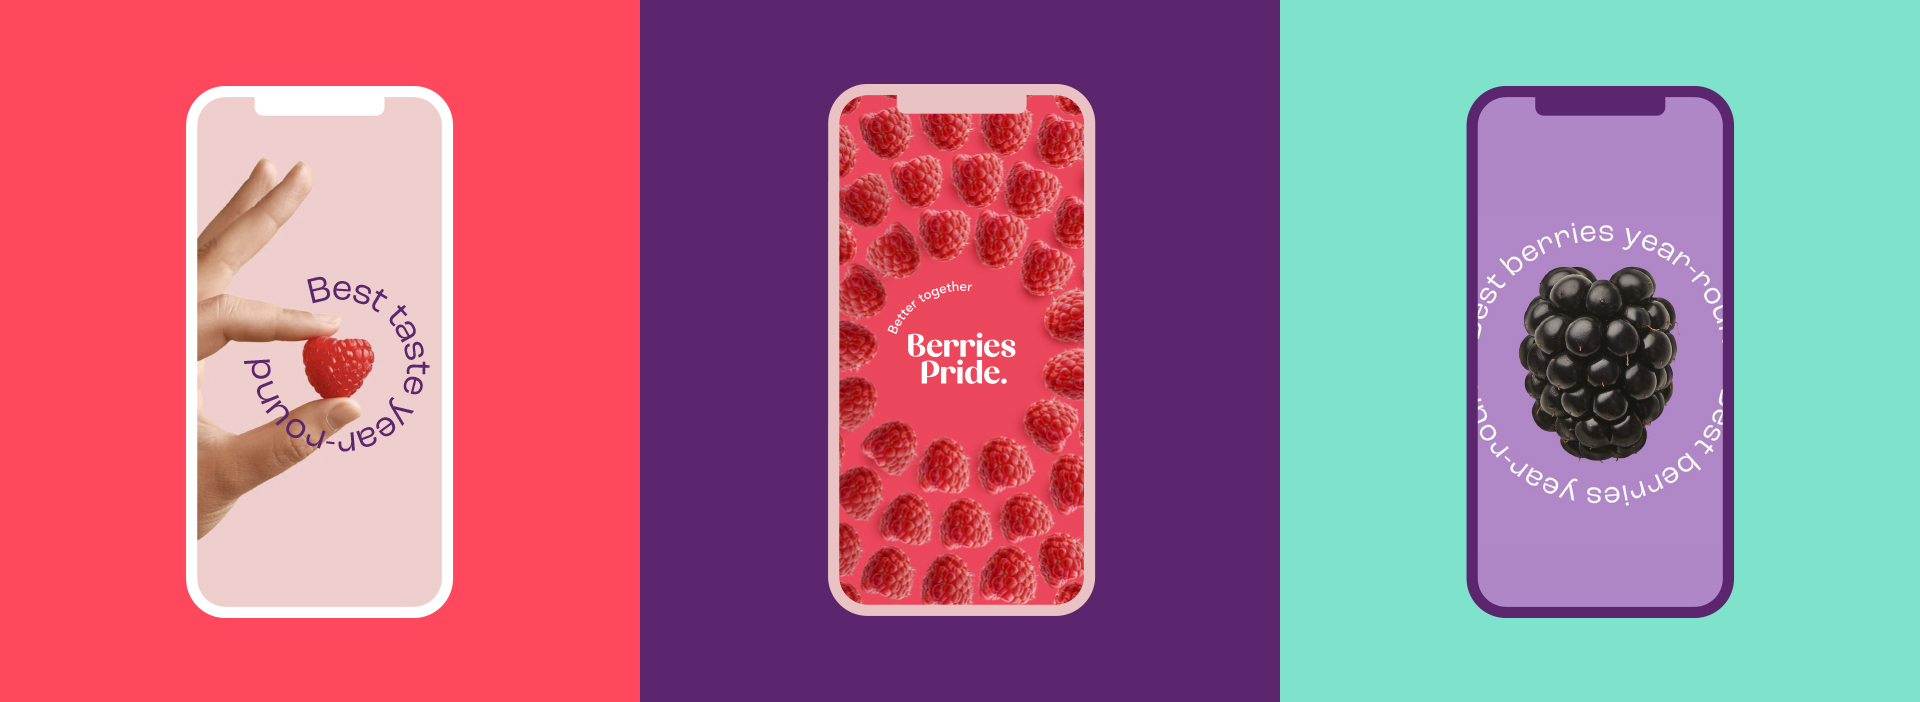 Berries Pride